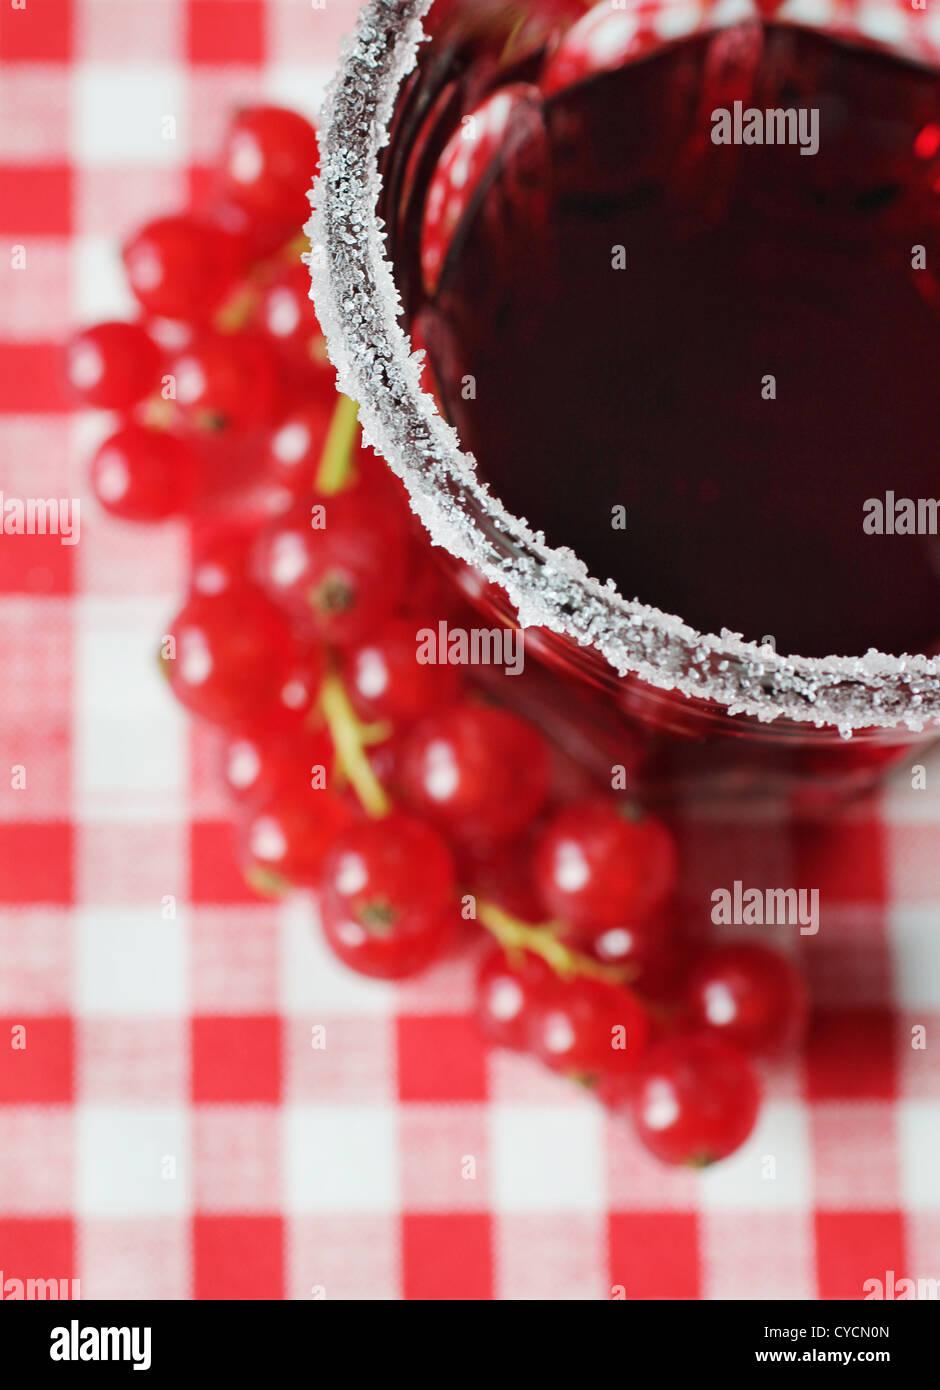 Jugo de grosella,rim azúcar Imagen De Stock